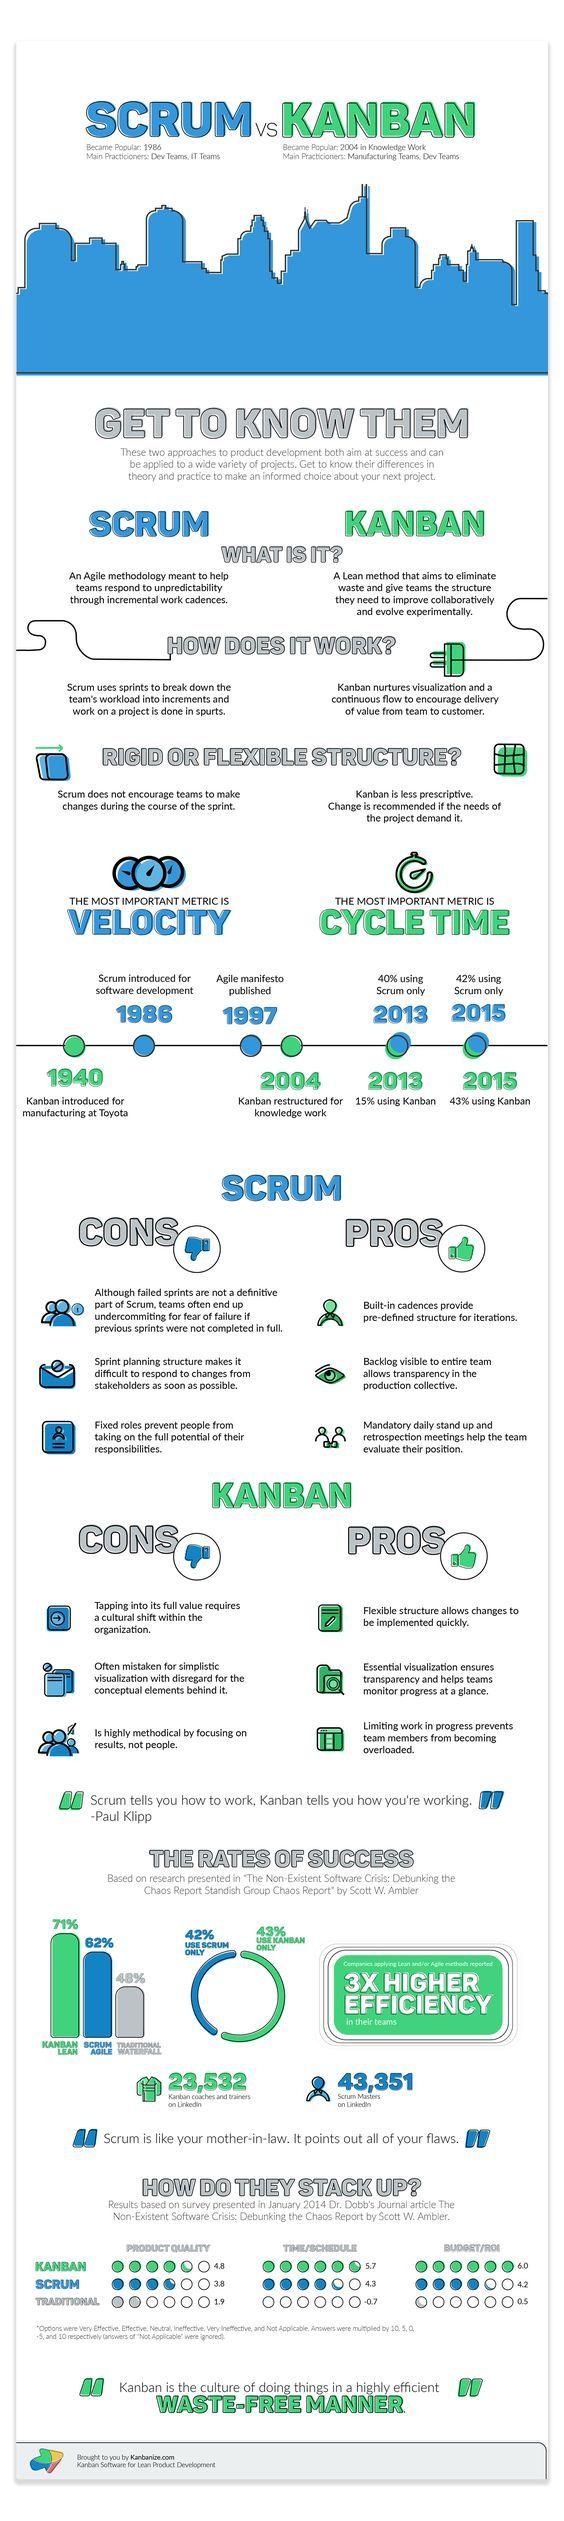 Kanban vs Scrum Infographic   Kanbanize Blog #Tridentsqa #Scrum vs #Kanban